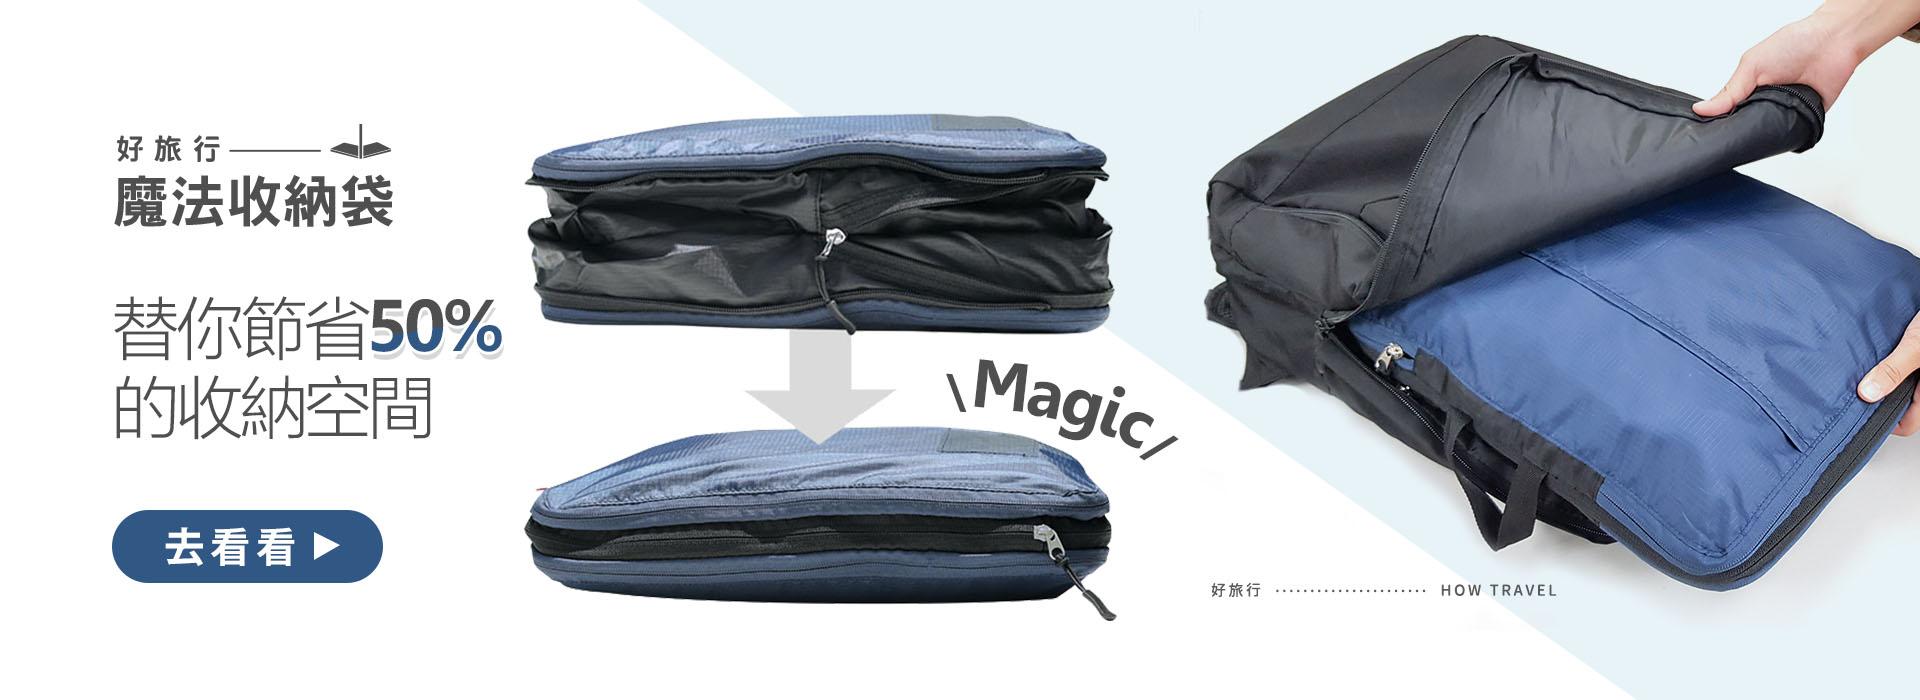 好旅行How Travel -旅行周邊商品第一品牌|旅行創意市集 U型枕、飛機枕、頸枕、世界地圖,壁貼,旅行收納,行李箱,刮刮樂世界地圖,旅行戶脖子頸巾,好旅行,howtravel,轉接頭,旅行萬用轉接頭